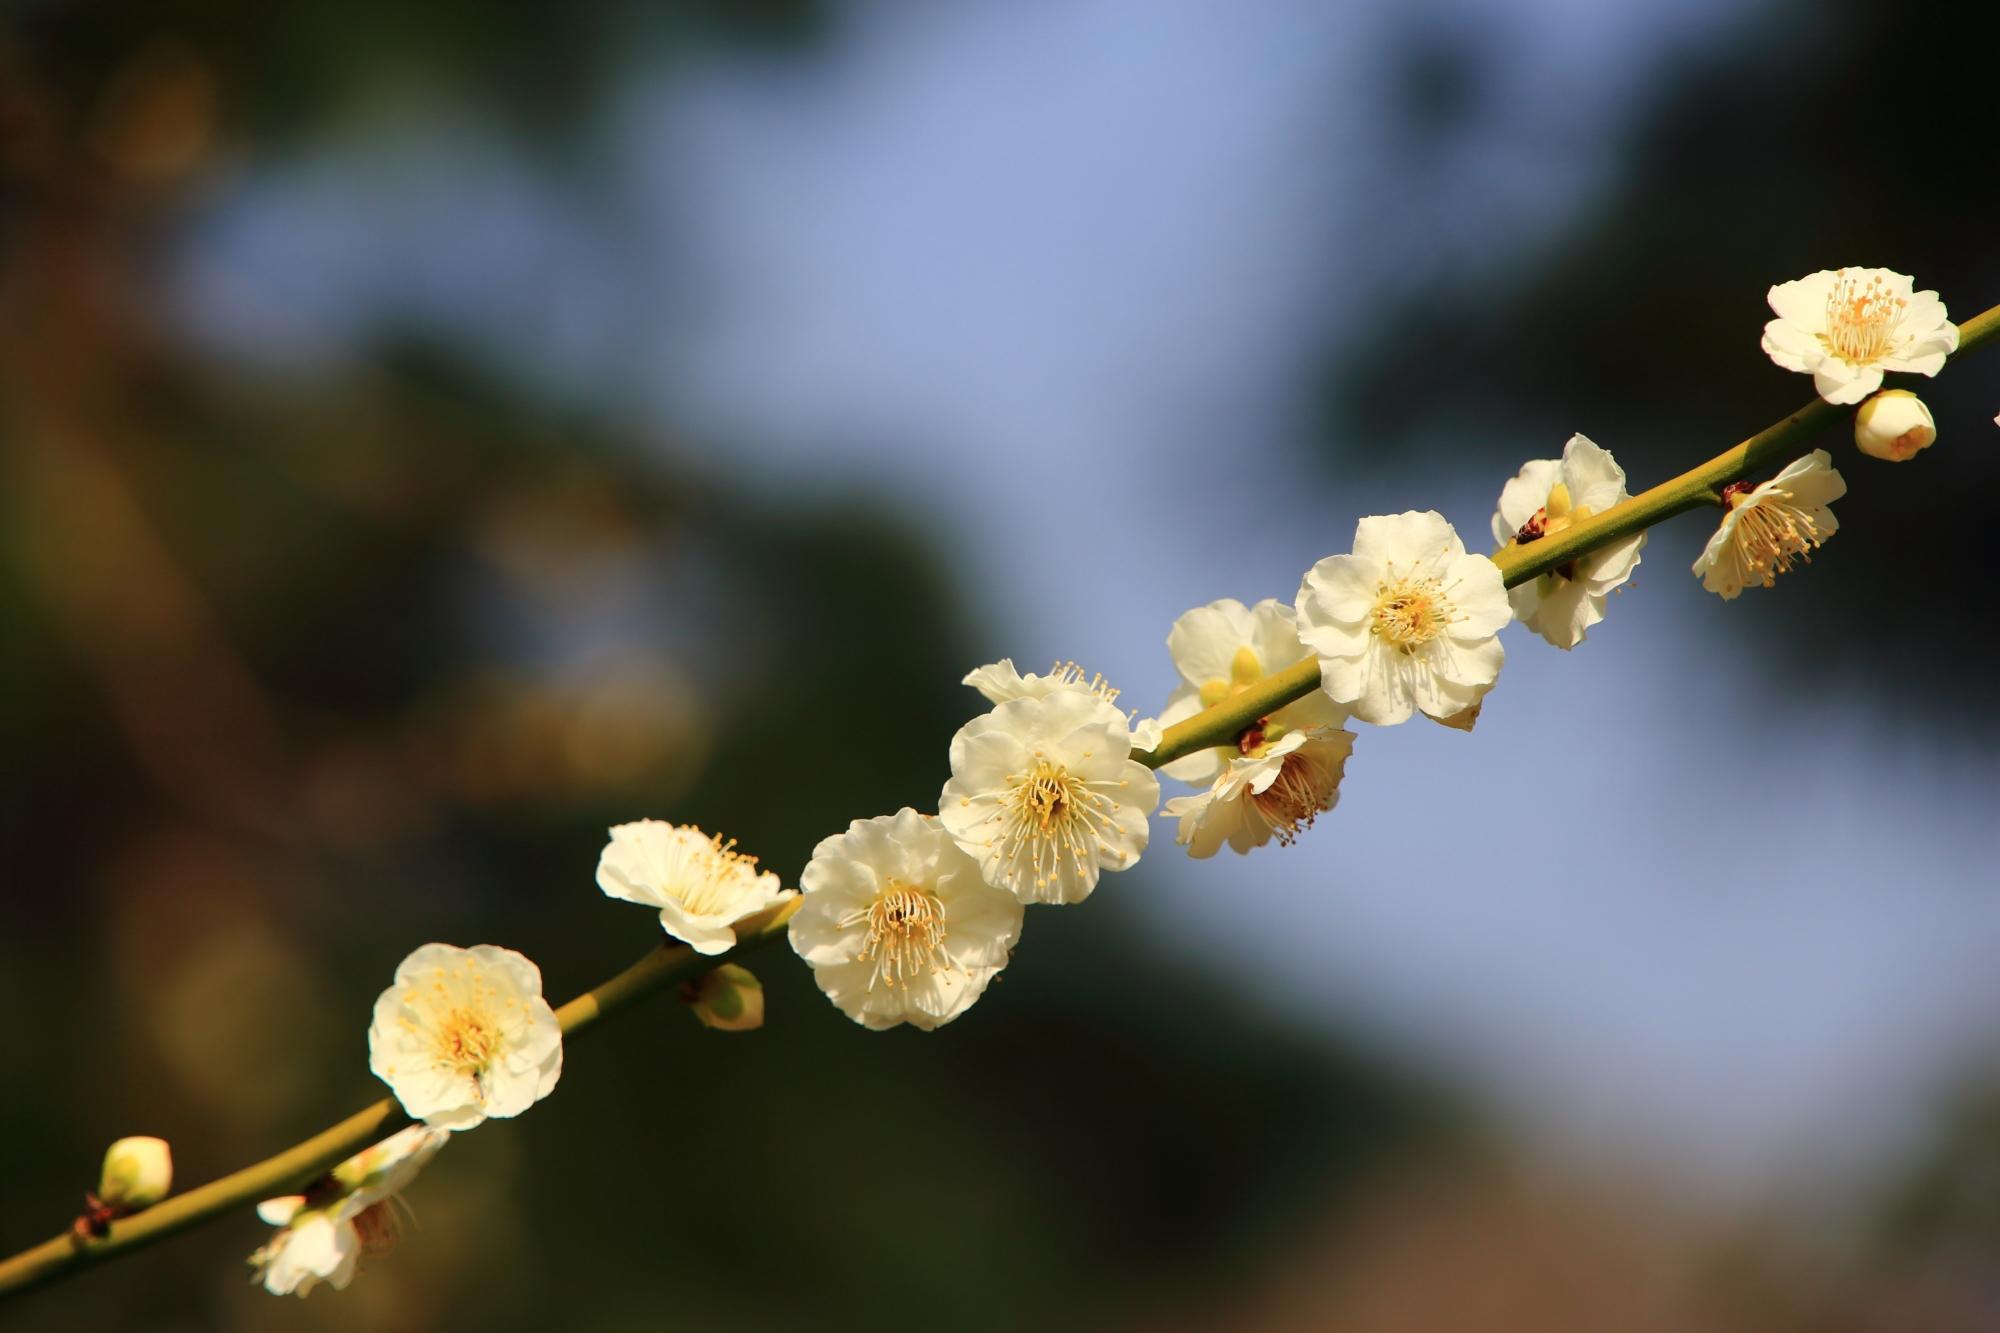 やや黄色がかった淡い優しい色合いの白い梅の花